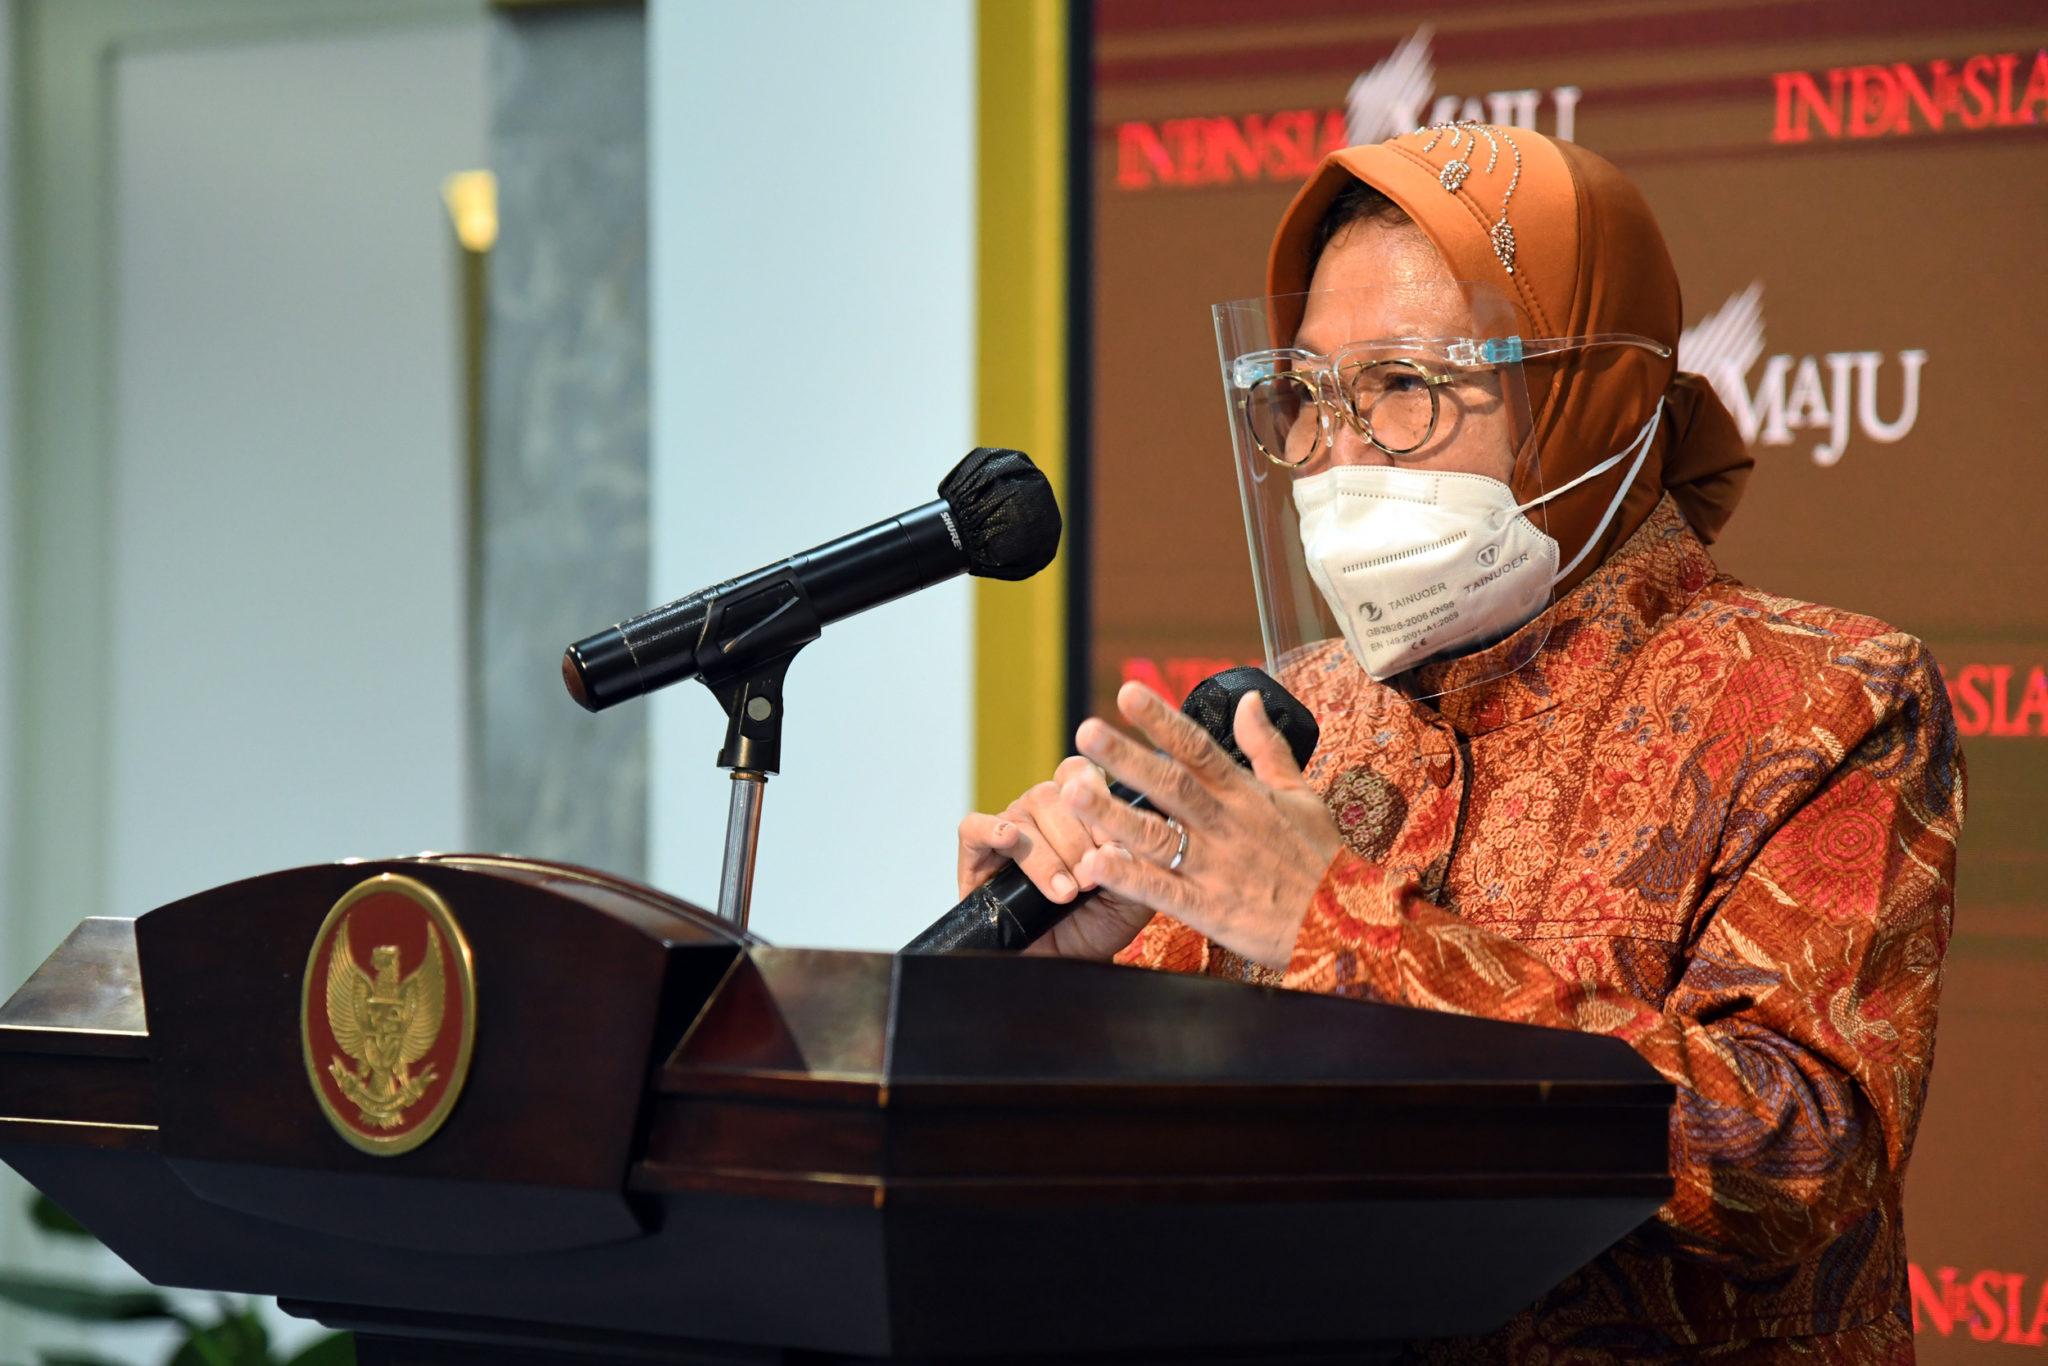 Risma: Awal Tahun 2021, Tiga Bansos Salur Serentak Seluruh Indonesia